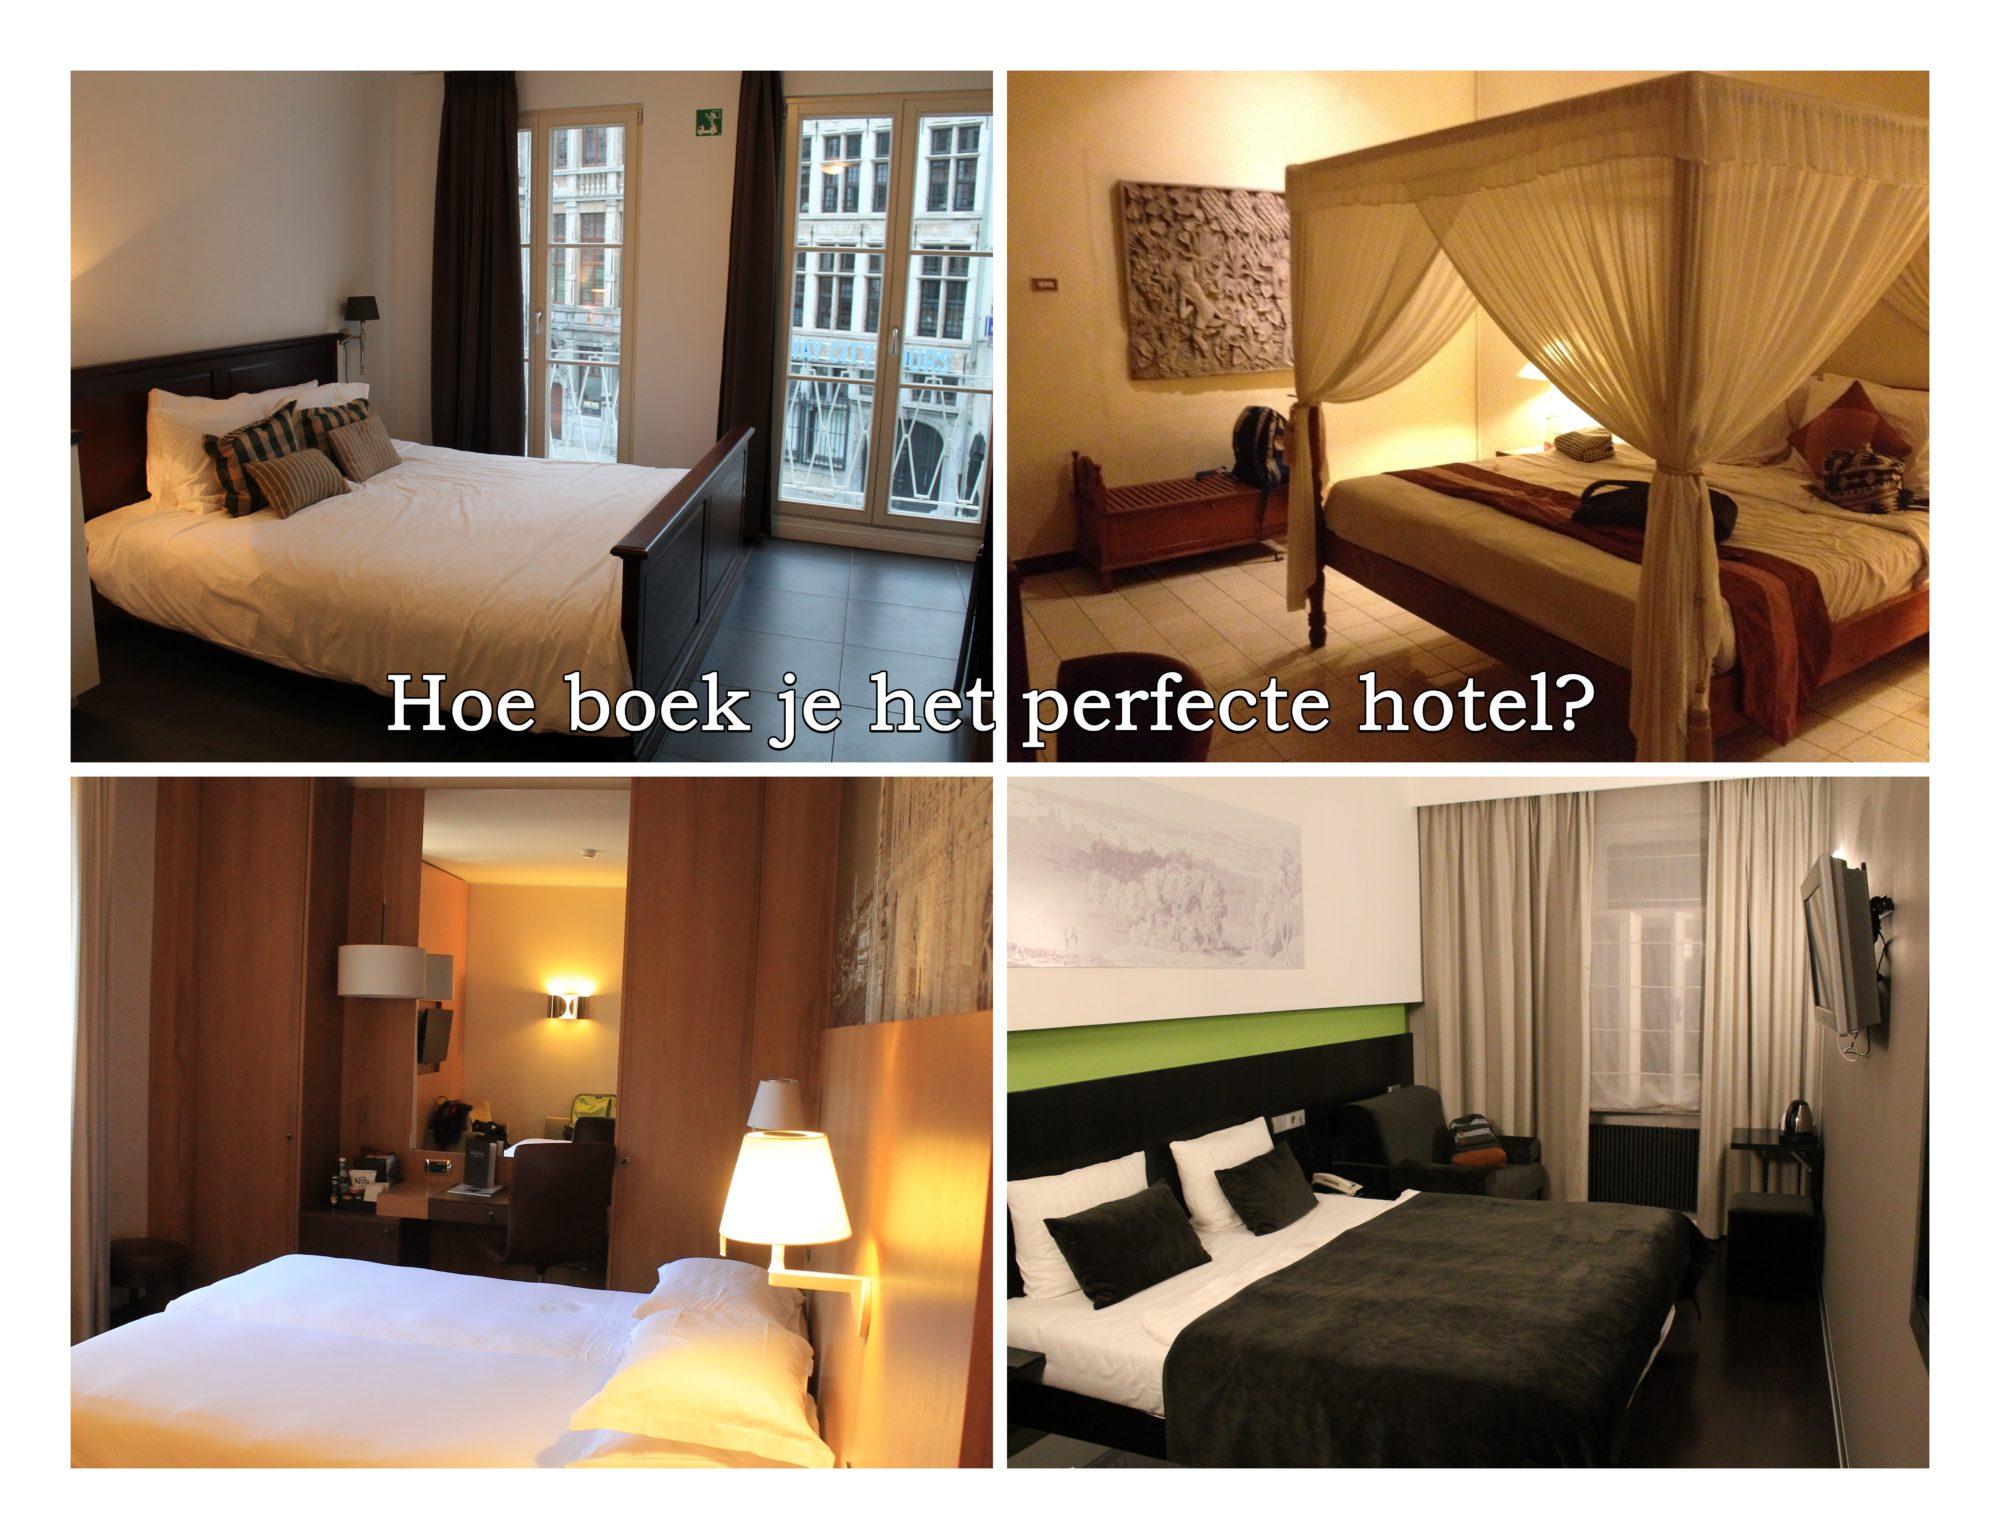 Hoe vind je het perfecte hotel